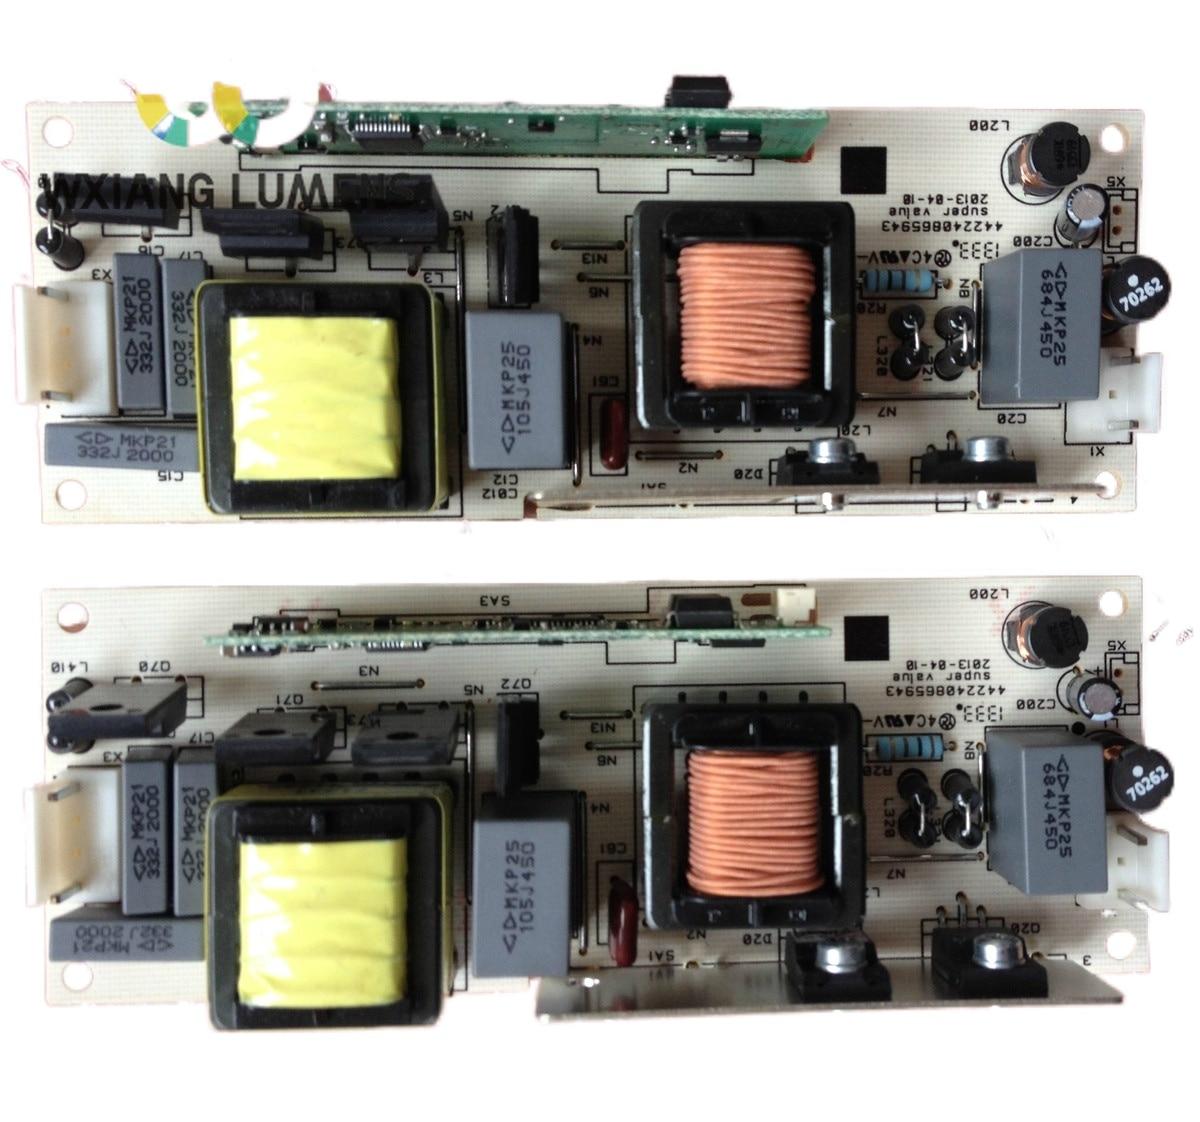 العارض الصابورة مصباح امدادات الطاقة مصباح سائق EUC 218g S/V07 لسوني VLP-5X630 Optoma باناسونيك Acto